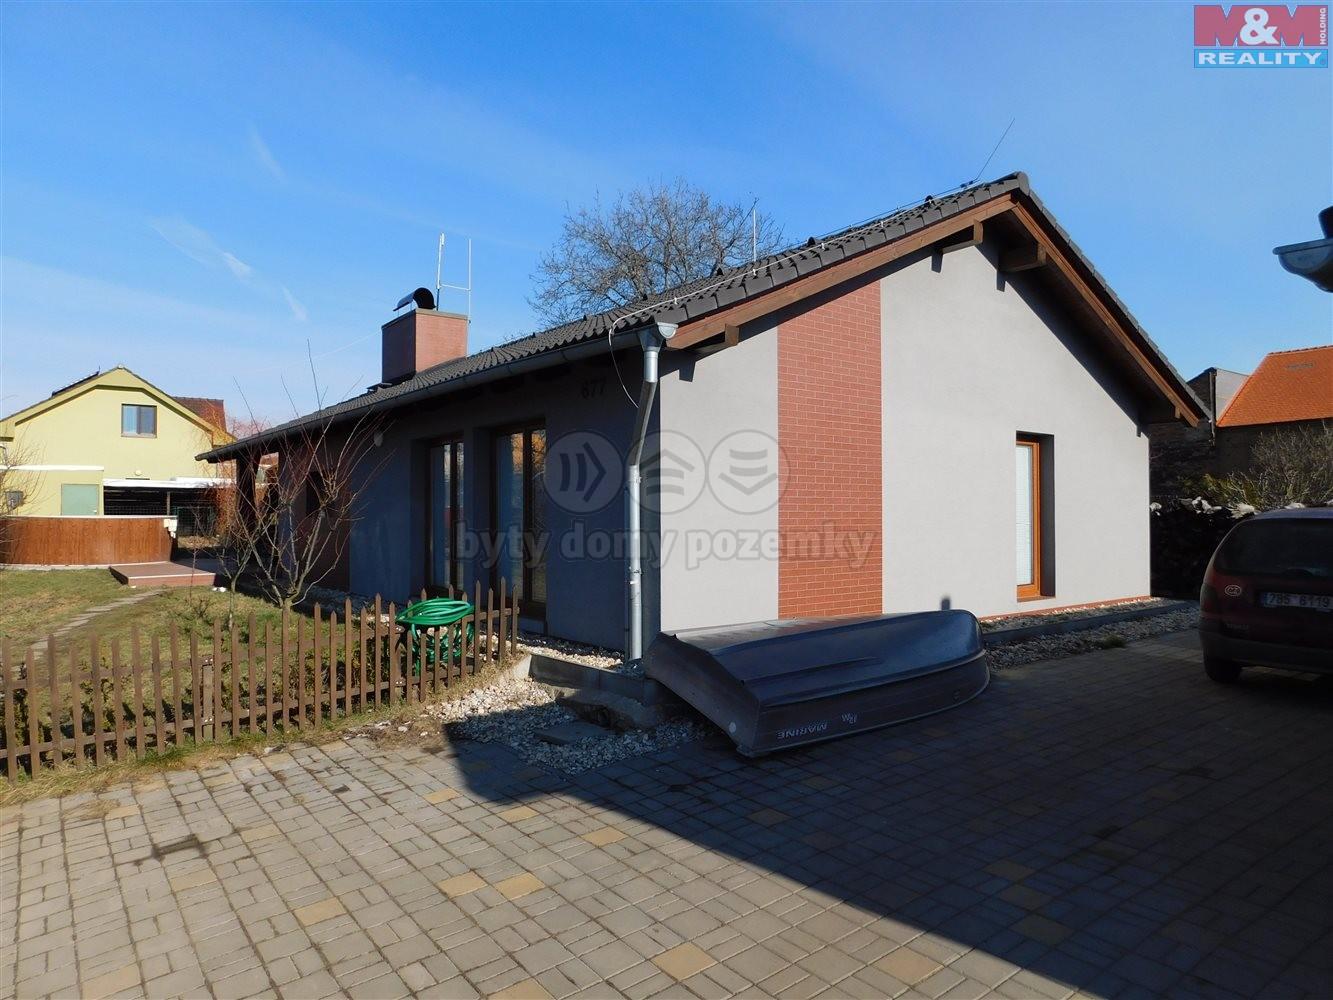 Prodej, rodinný dům 5+kk, 985 m2, Zbýšov